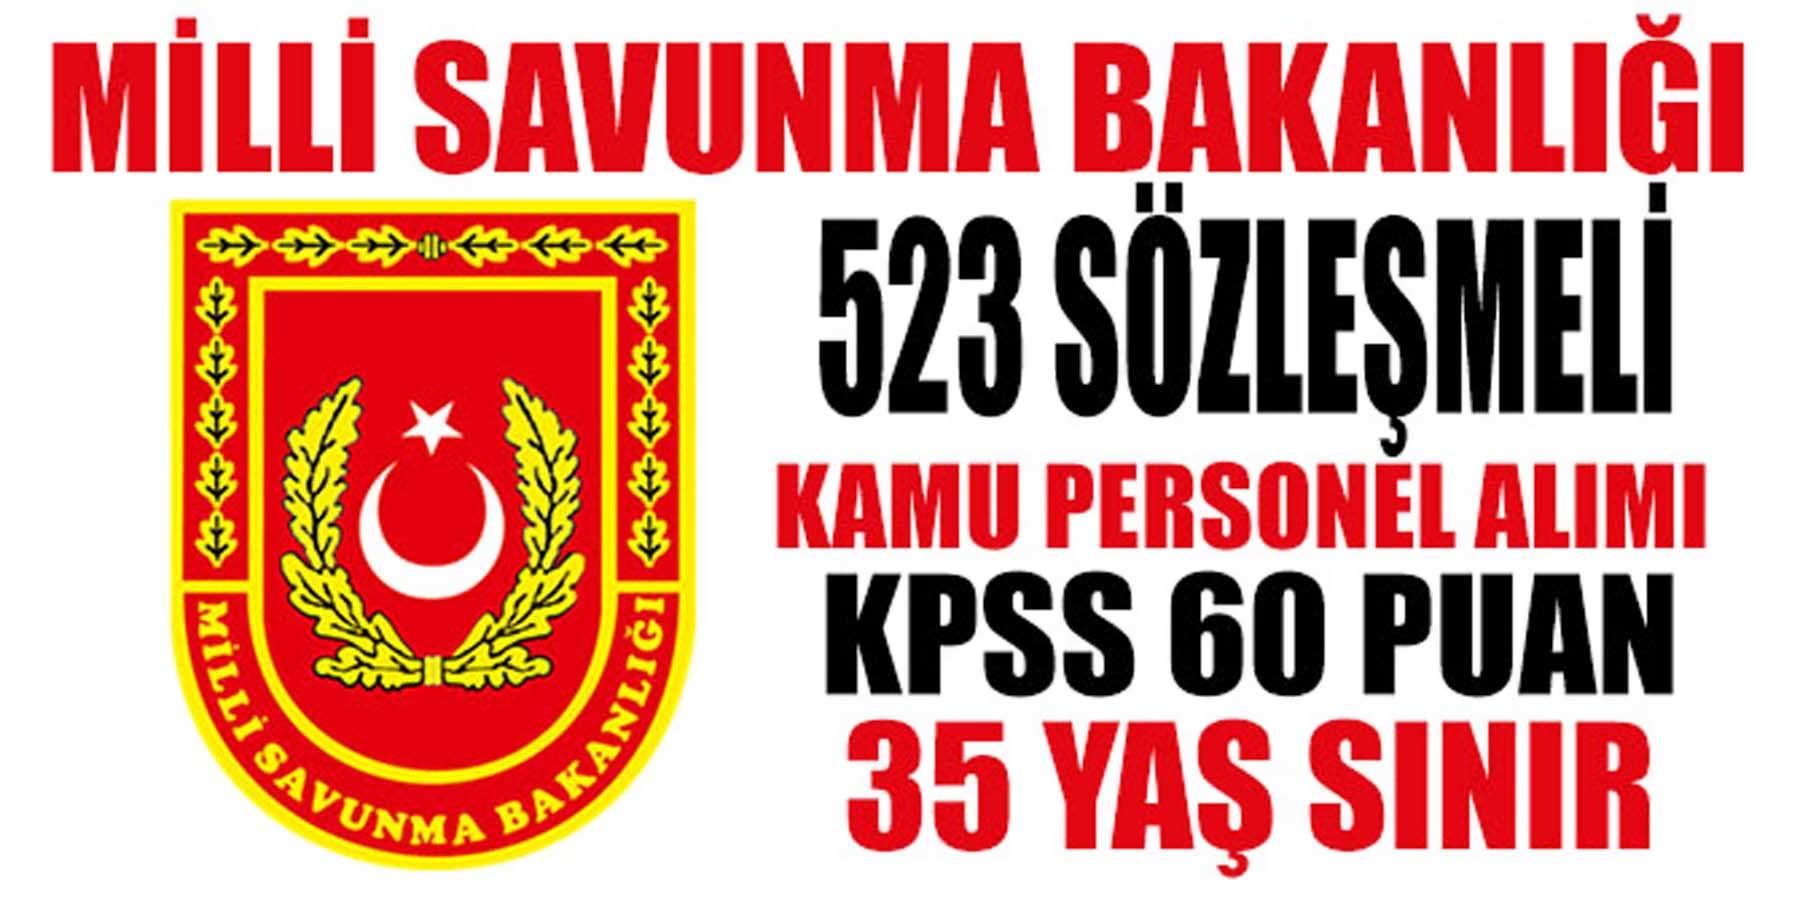 MSB 523 Sözleşmeli Personel Alımı KPSS 60 Puan (Memur Kadroları)